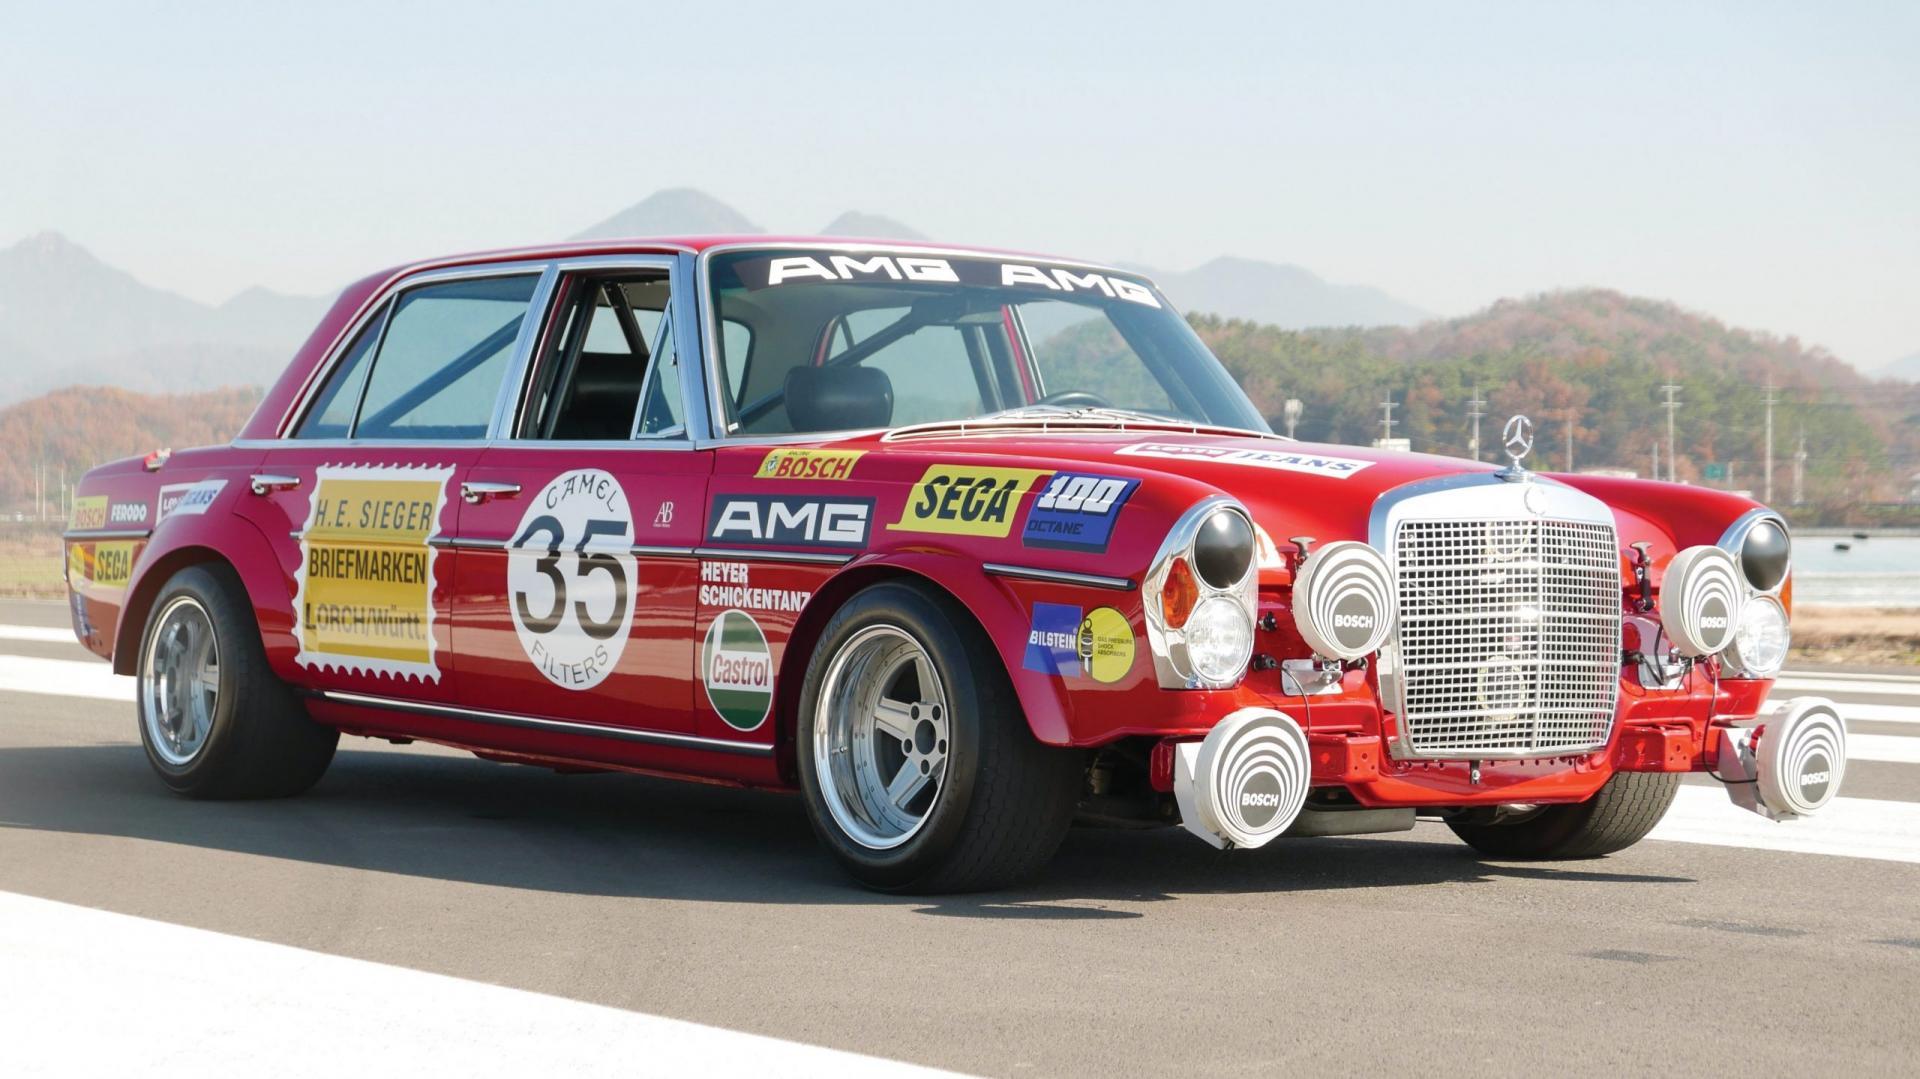 Mercedes 300 SEL AMG Red Pig mistlampen